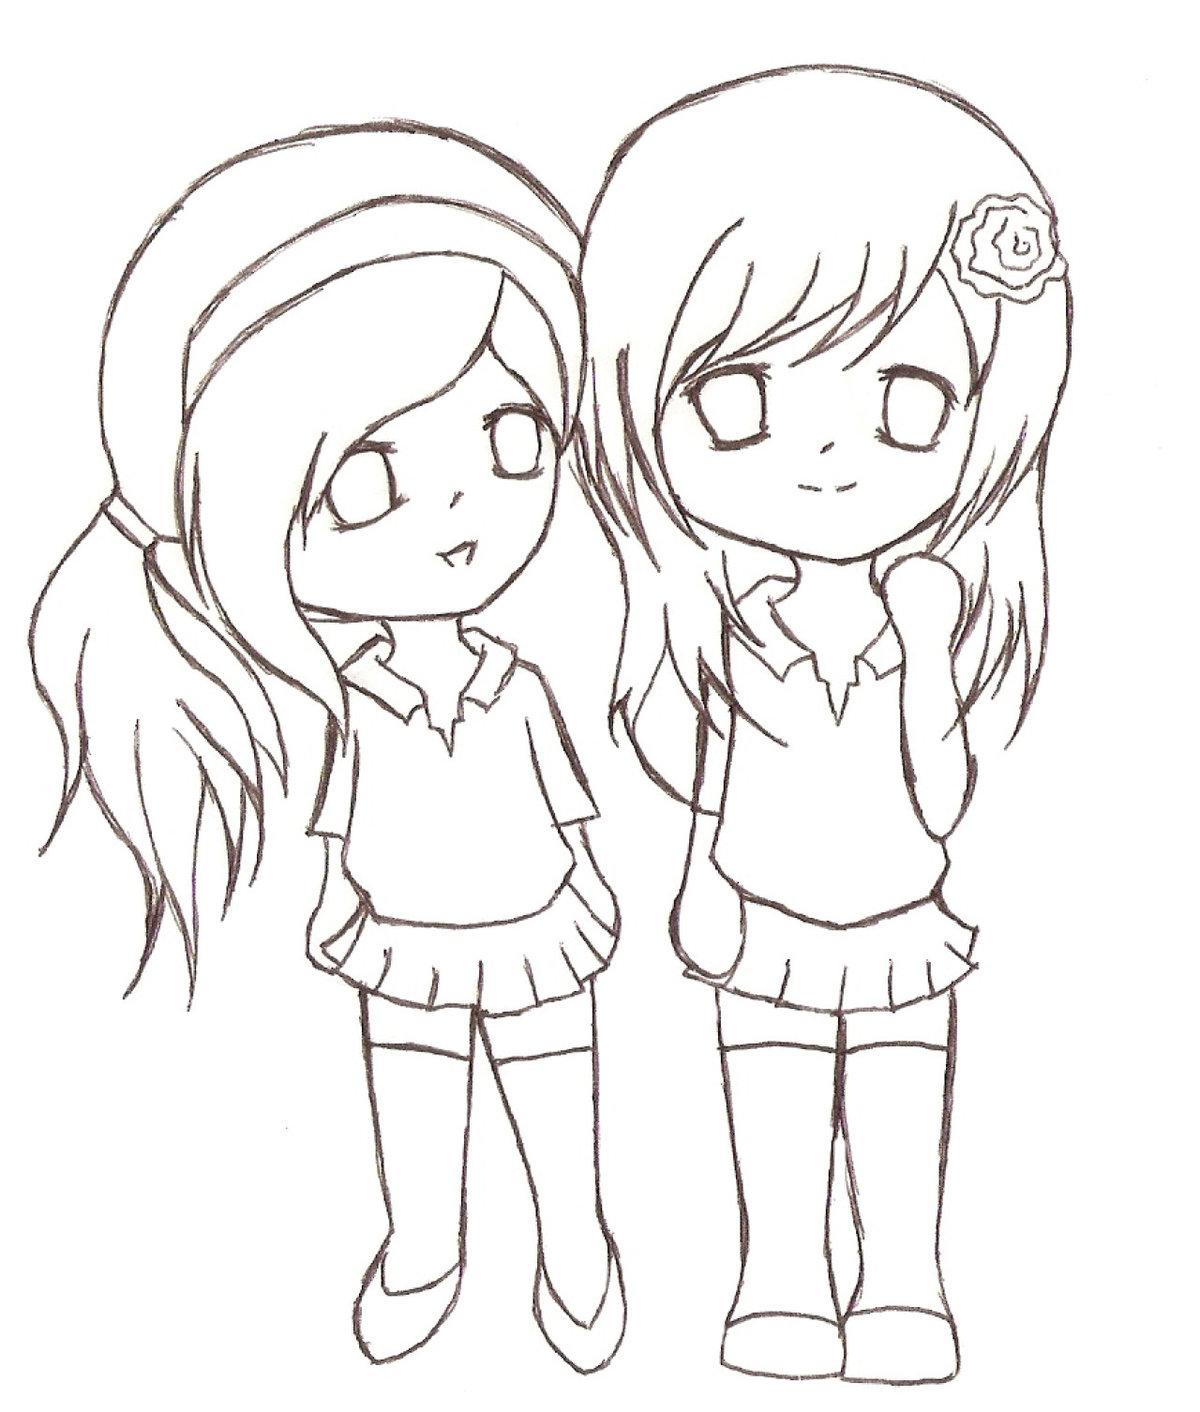 Рисунок для лучшей подруги карандашом легко